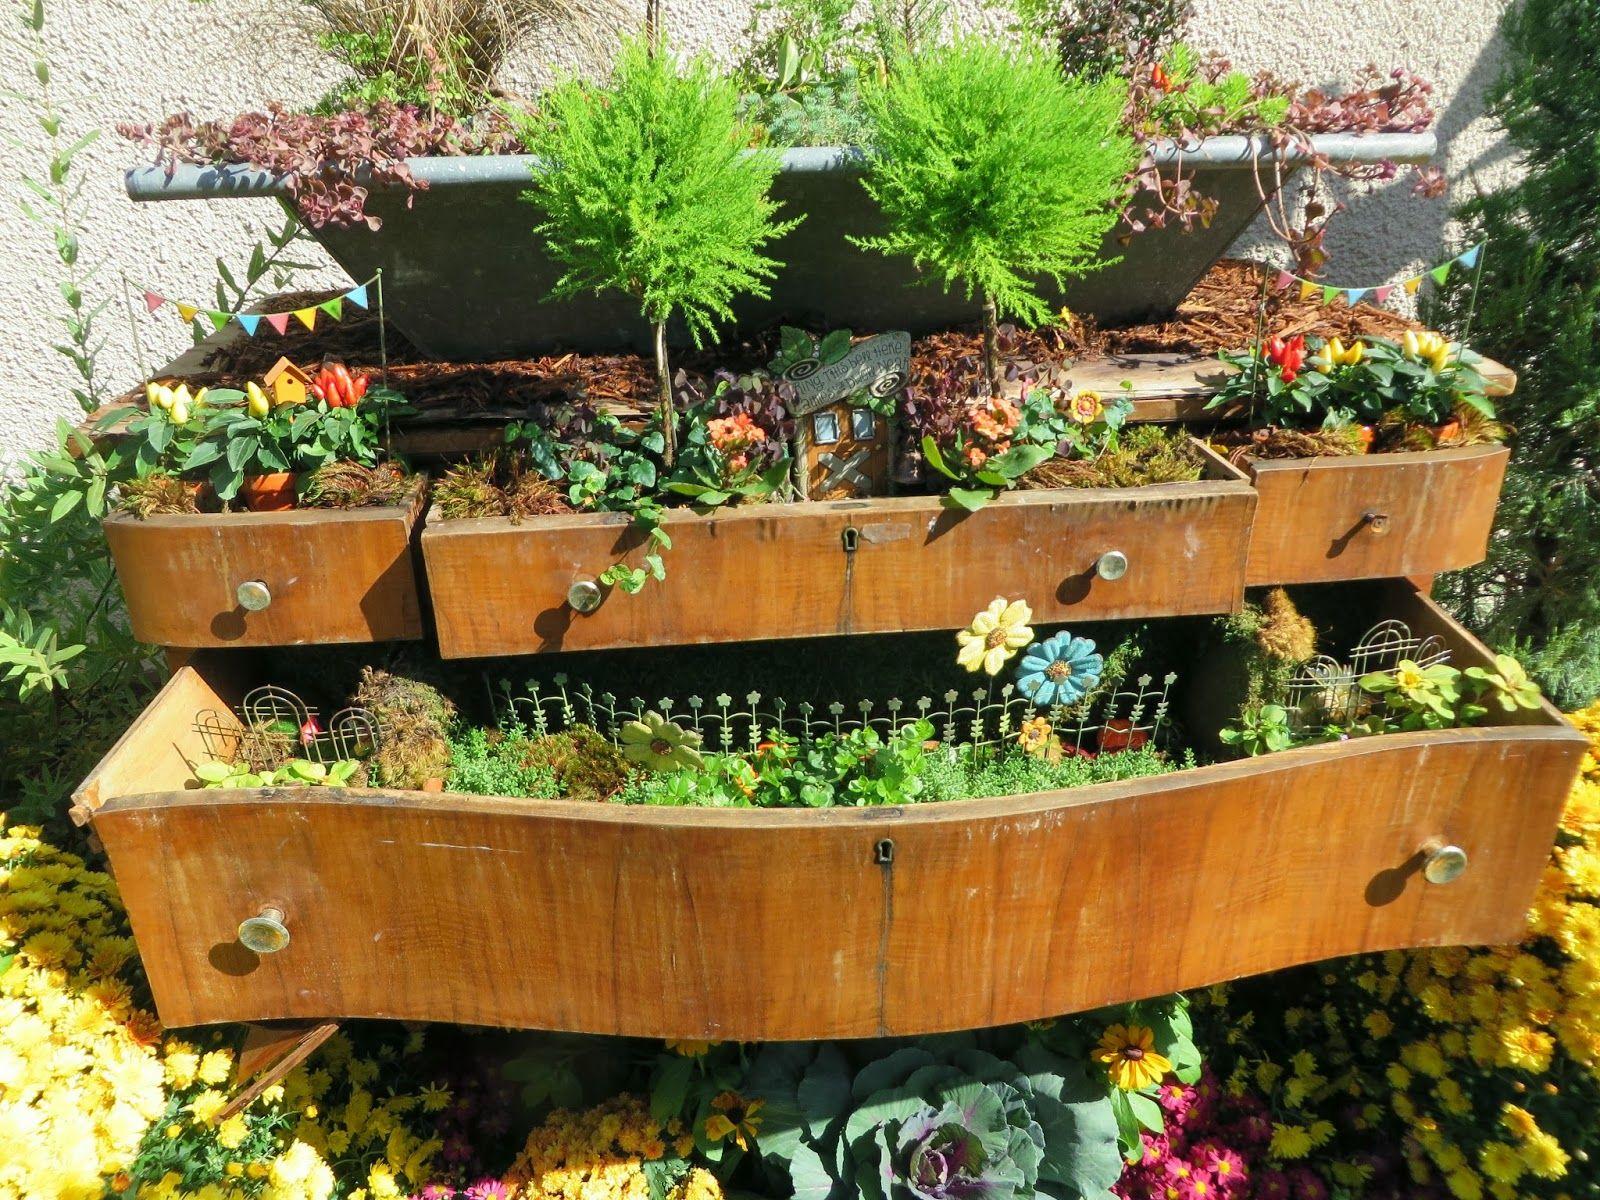 Outstanding Containers Garden Pots Diy Gardening Container Ideas Diy Gardening Containers Containers Diy Garden Pots Diy Garden Pots garden Diy Gardening Containers